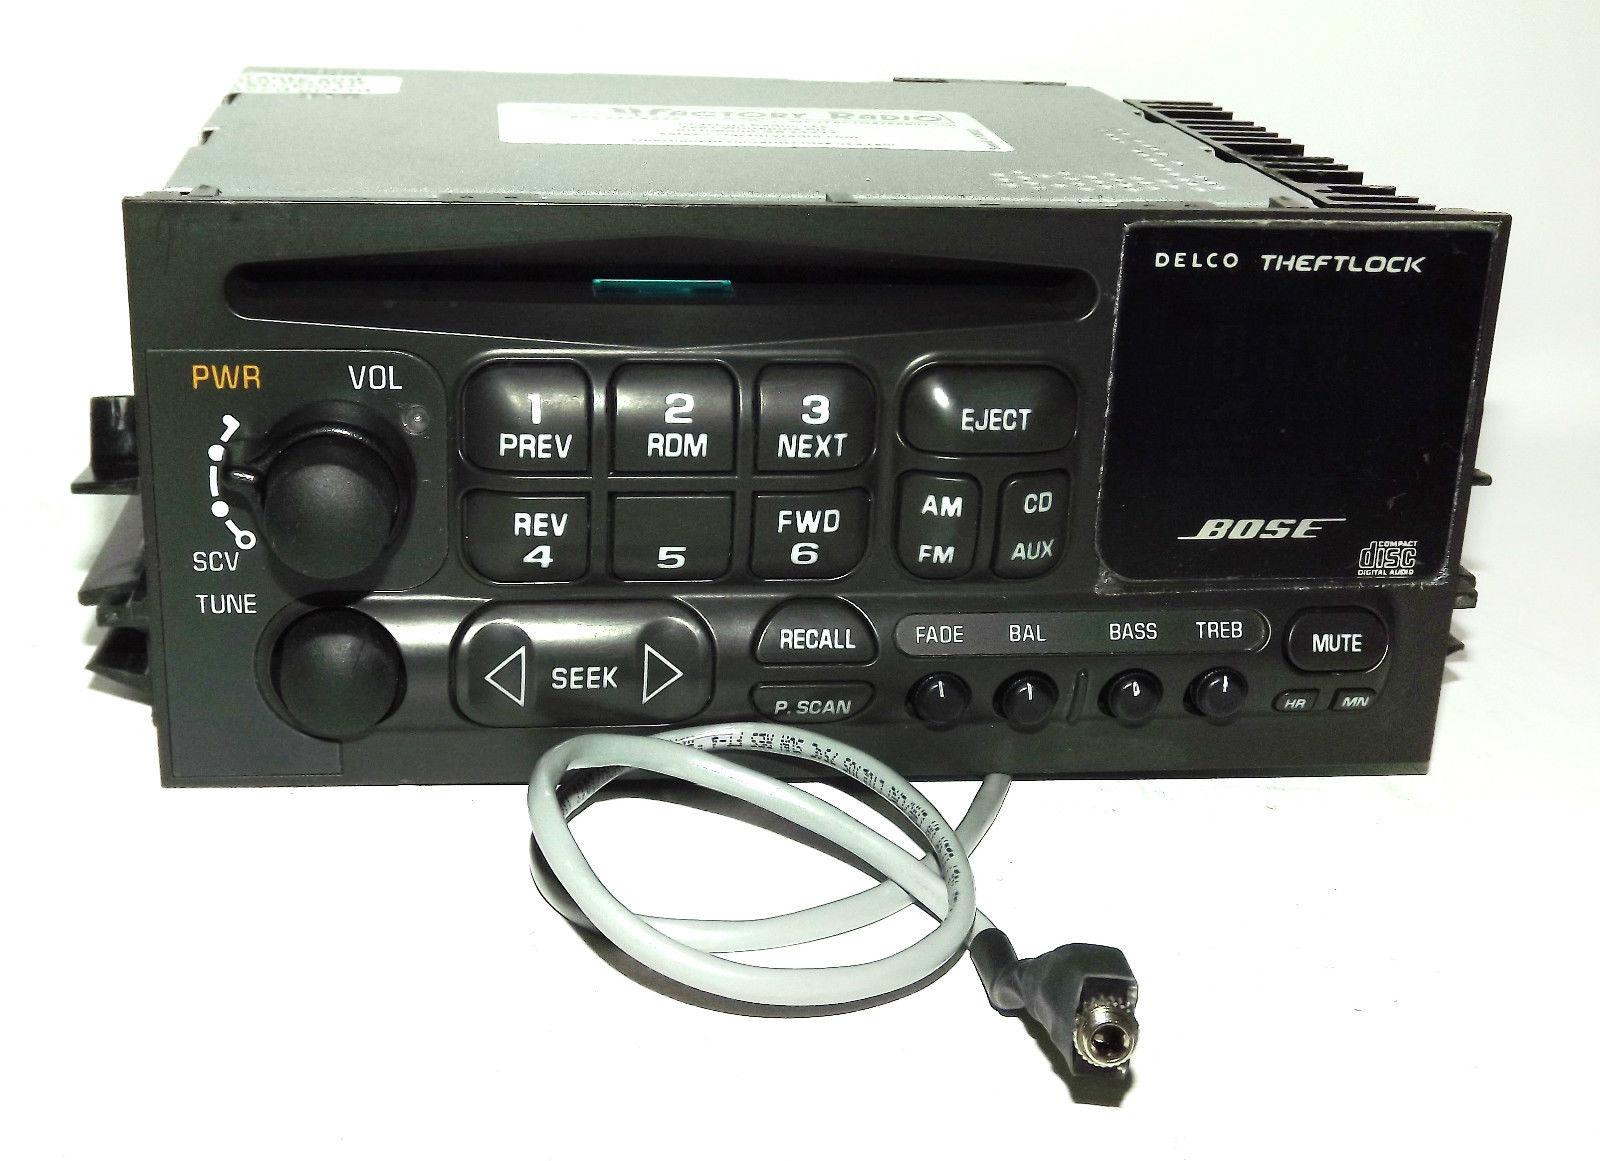 Cadillac Escalade Yukon 01-02 Bose Radio AM FM CD Player w Aux mp3 3.5  Input 16245605 - 1 Factory Radio